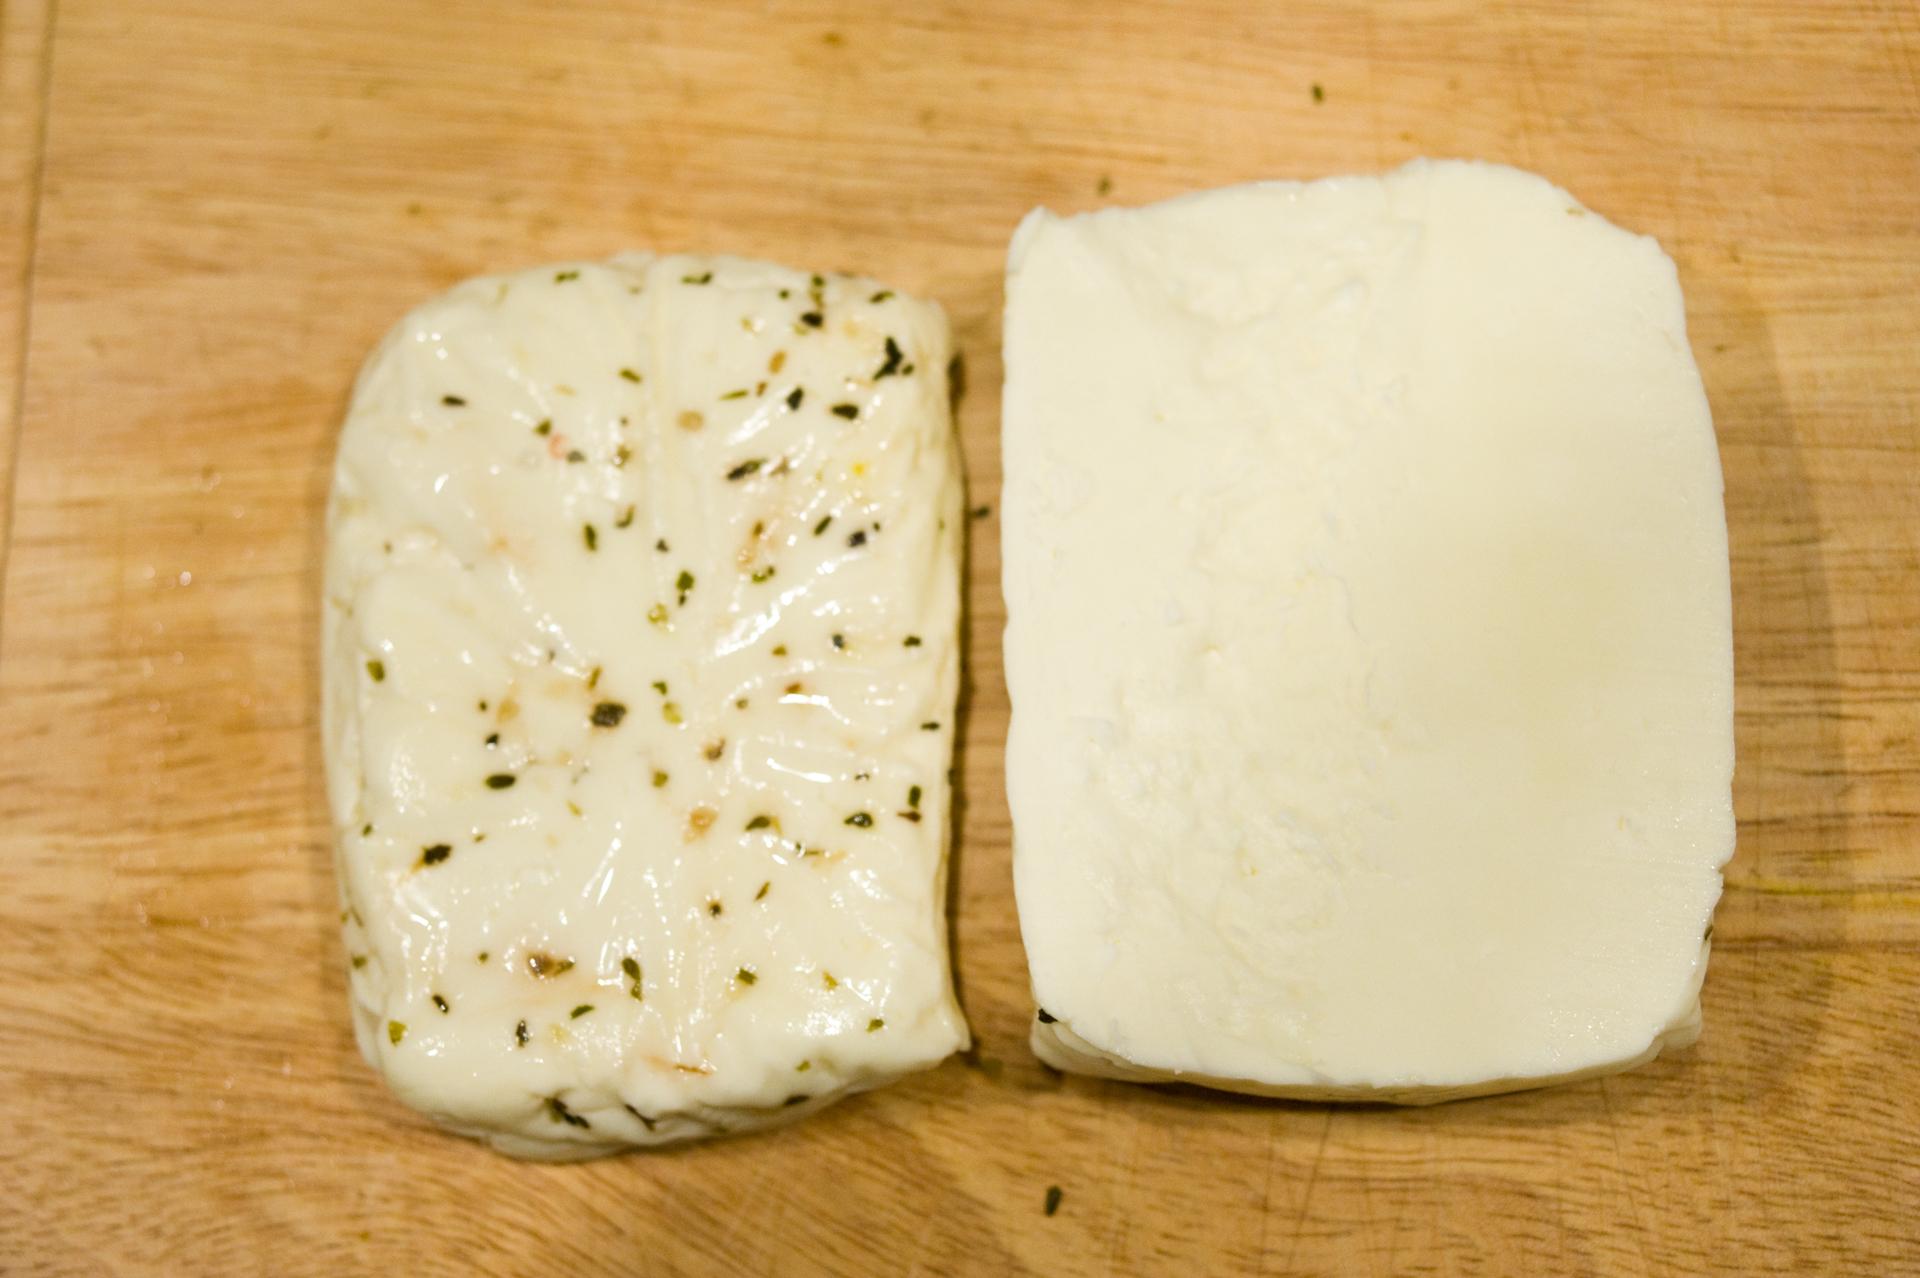 Fűszeres és natúr grill sajtok.